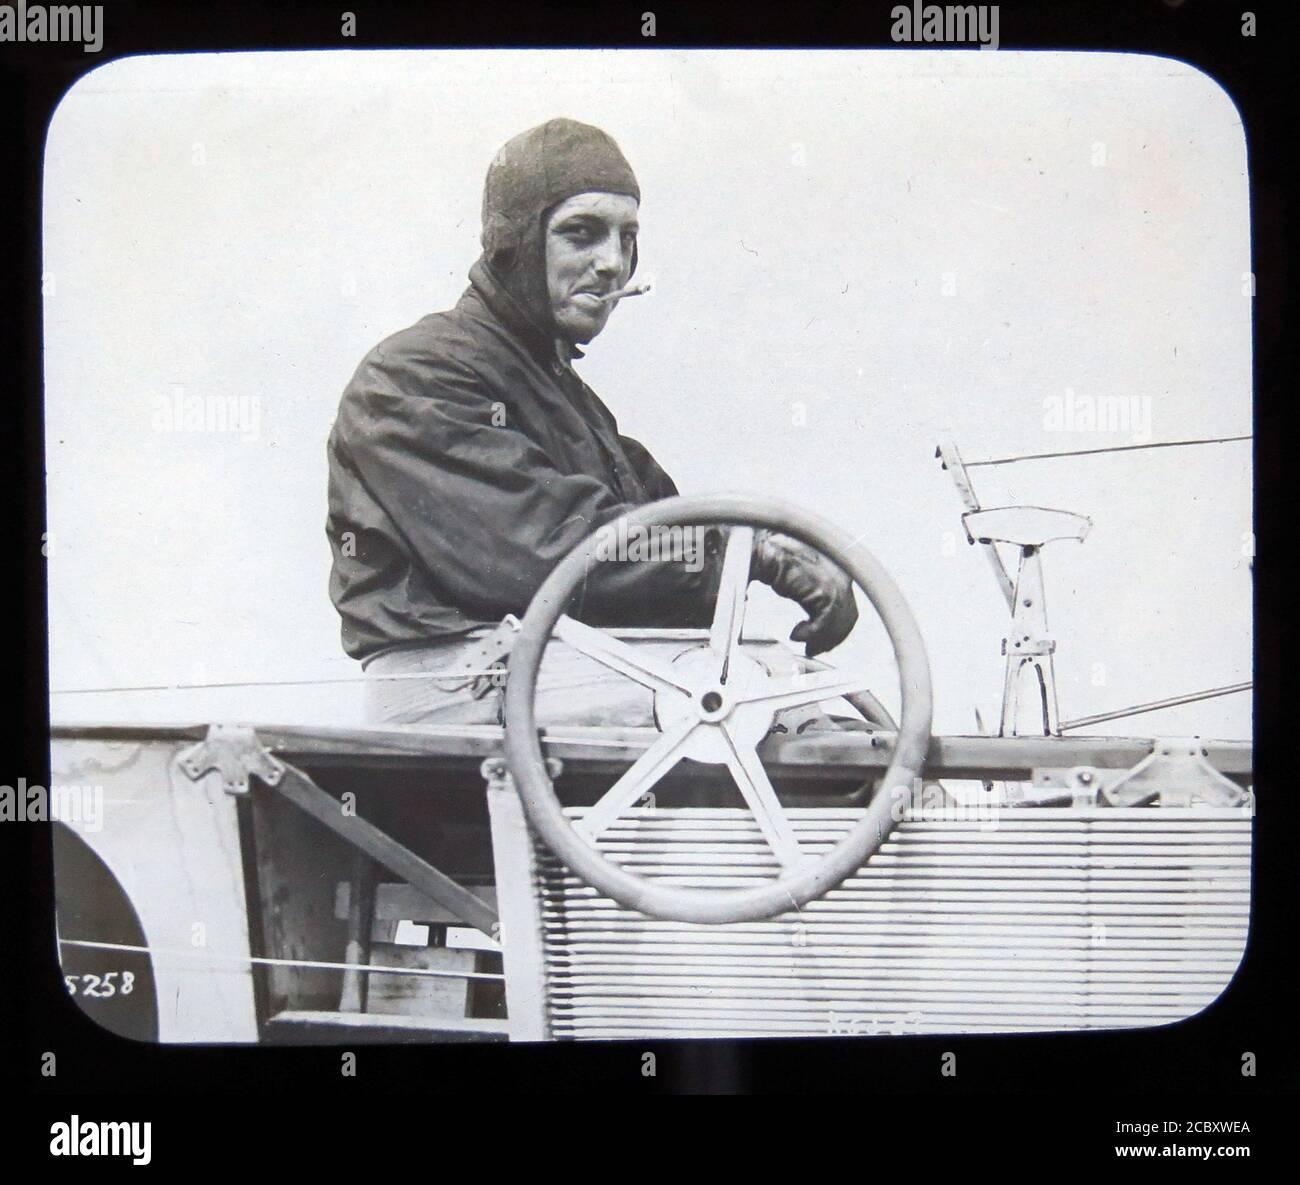 Une diapositive magique représentant l'aviateur anglo-français Hubert Latham, dans son monoplan Antoinette. Il a été la première personne à tenter de traverser la Manche dans un avion. En raison d'une panne de moteur lors de sa première des deux tentatives de traverser la Manche, il est devenu la première personne à atterrir un avion sur un plan d'eau. Diapositive publiée par W. Butcher & Sons, Londres et datant d'environ 1914. Banque D'Images